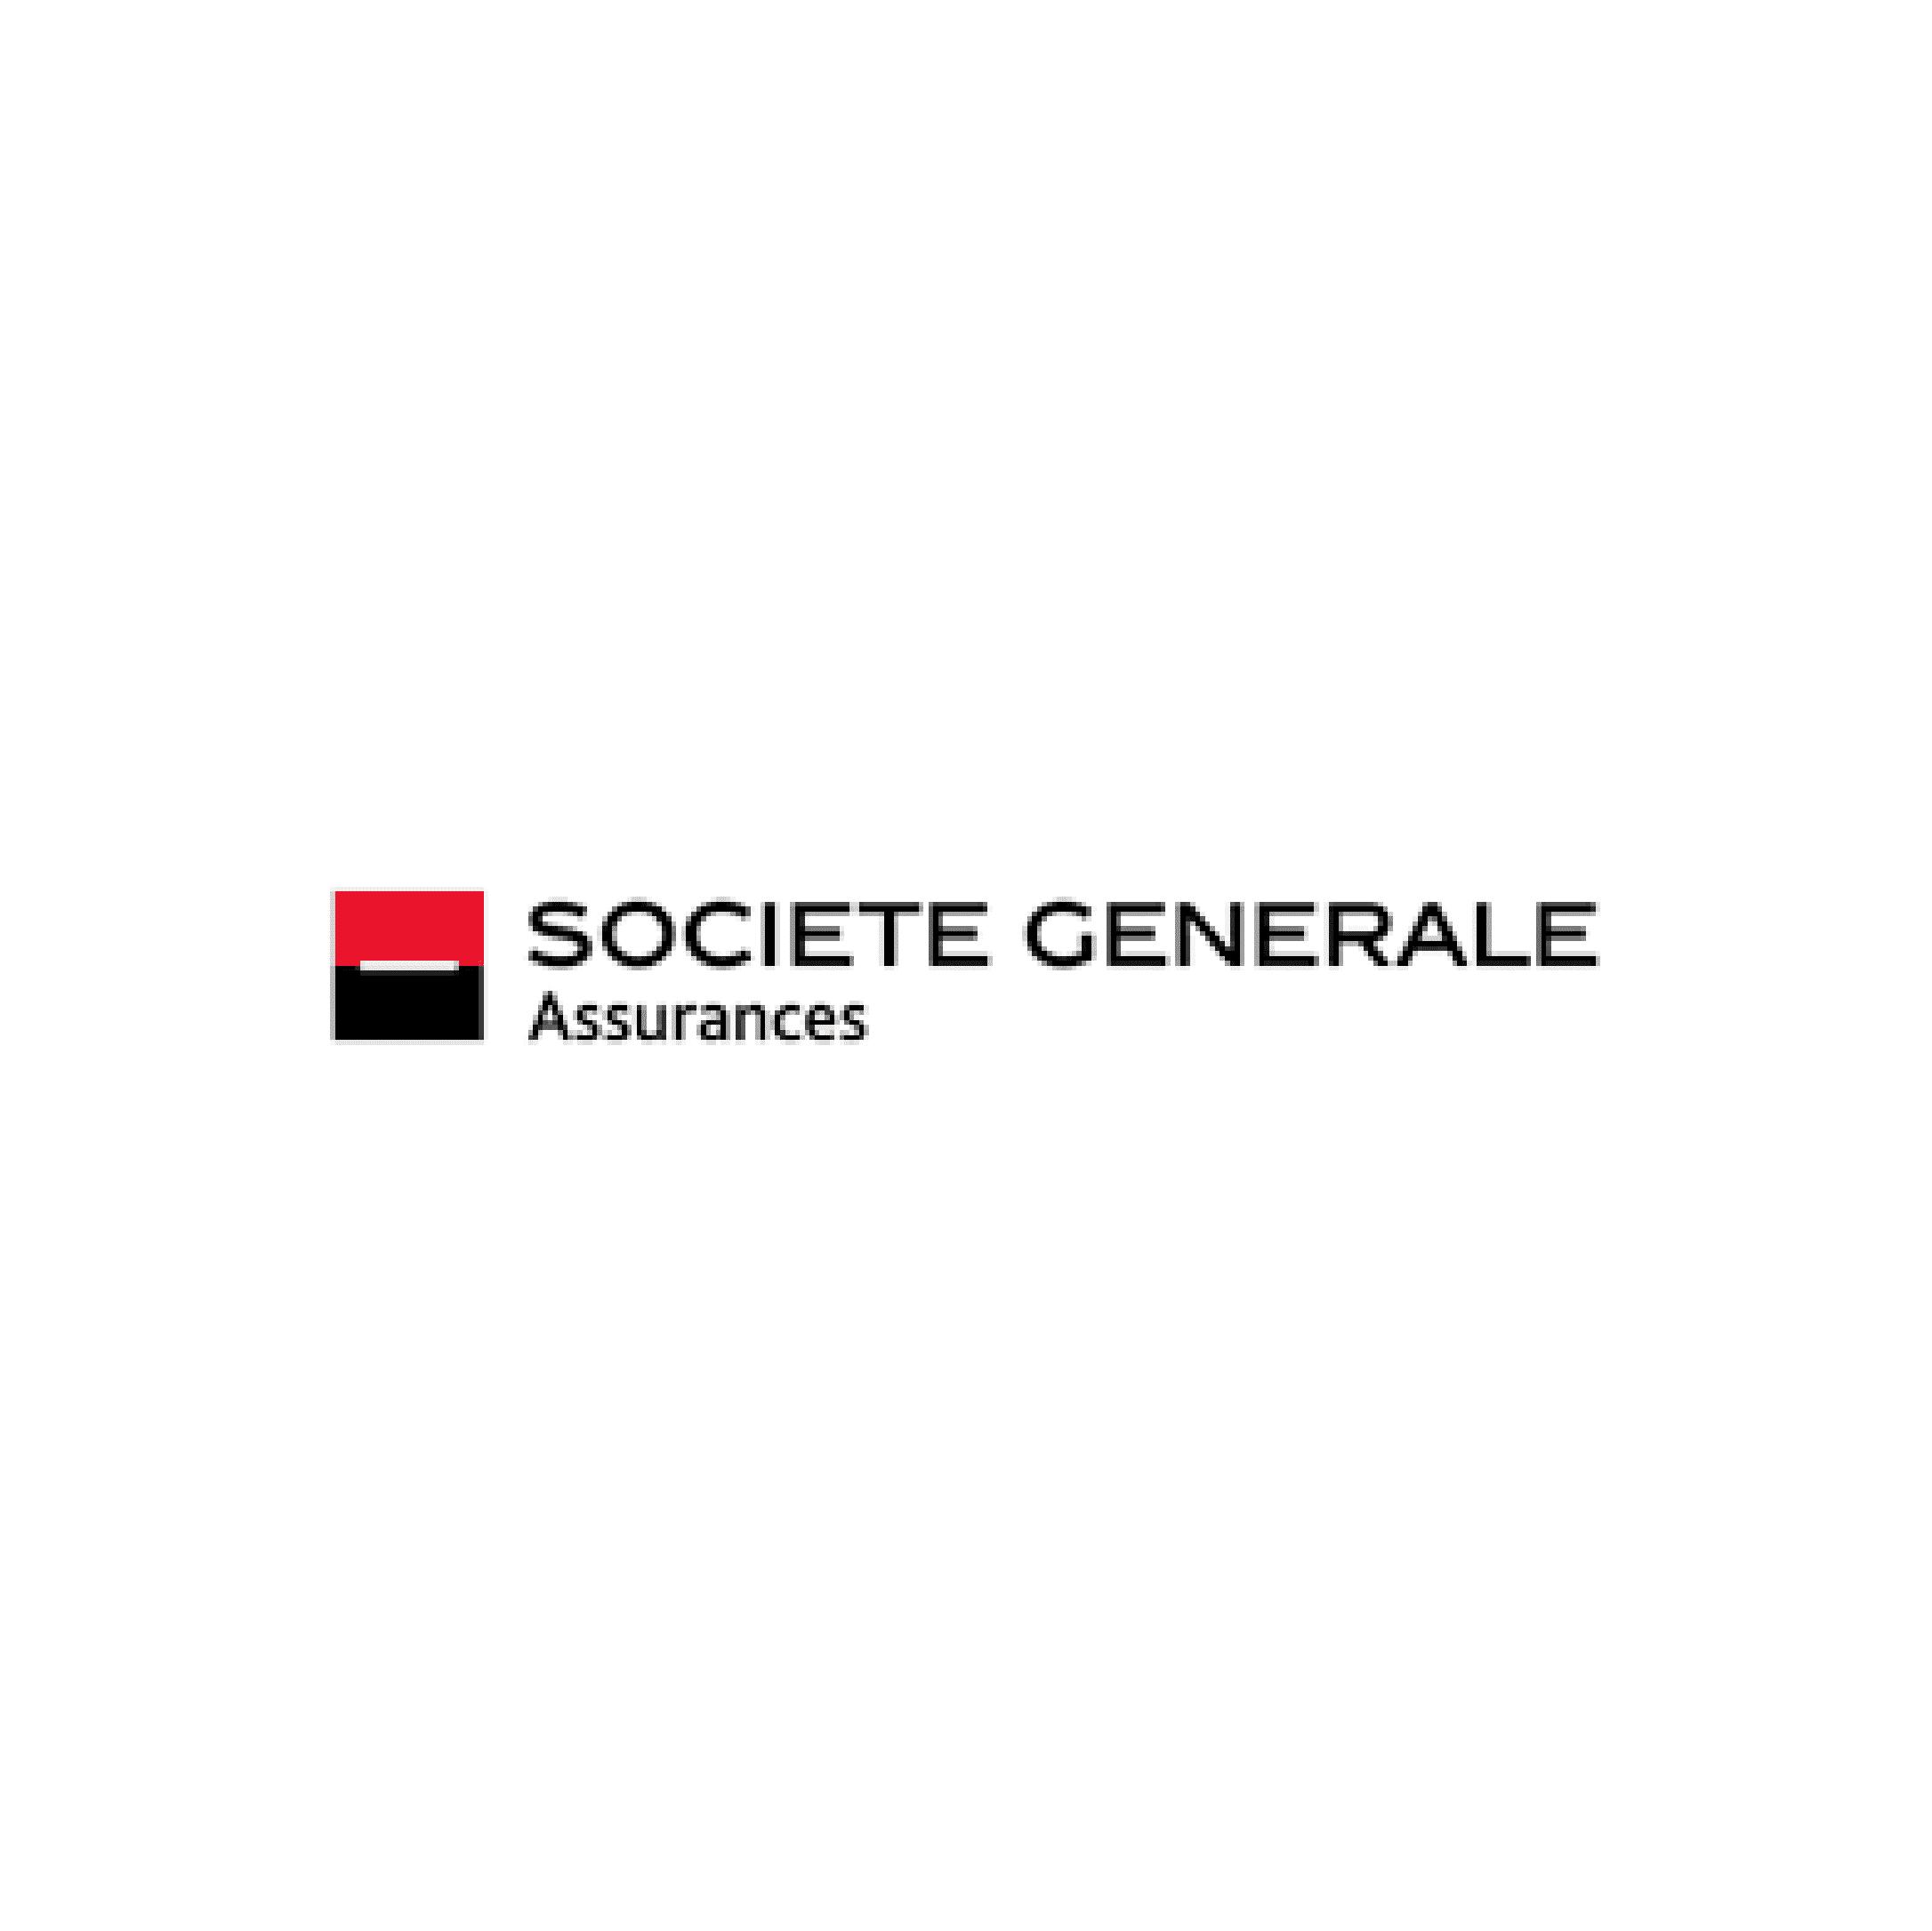 DialOnce-Societe-Generale-Assurance